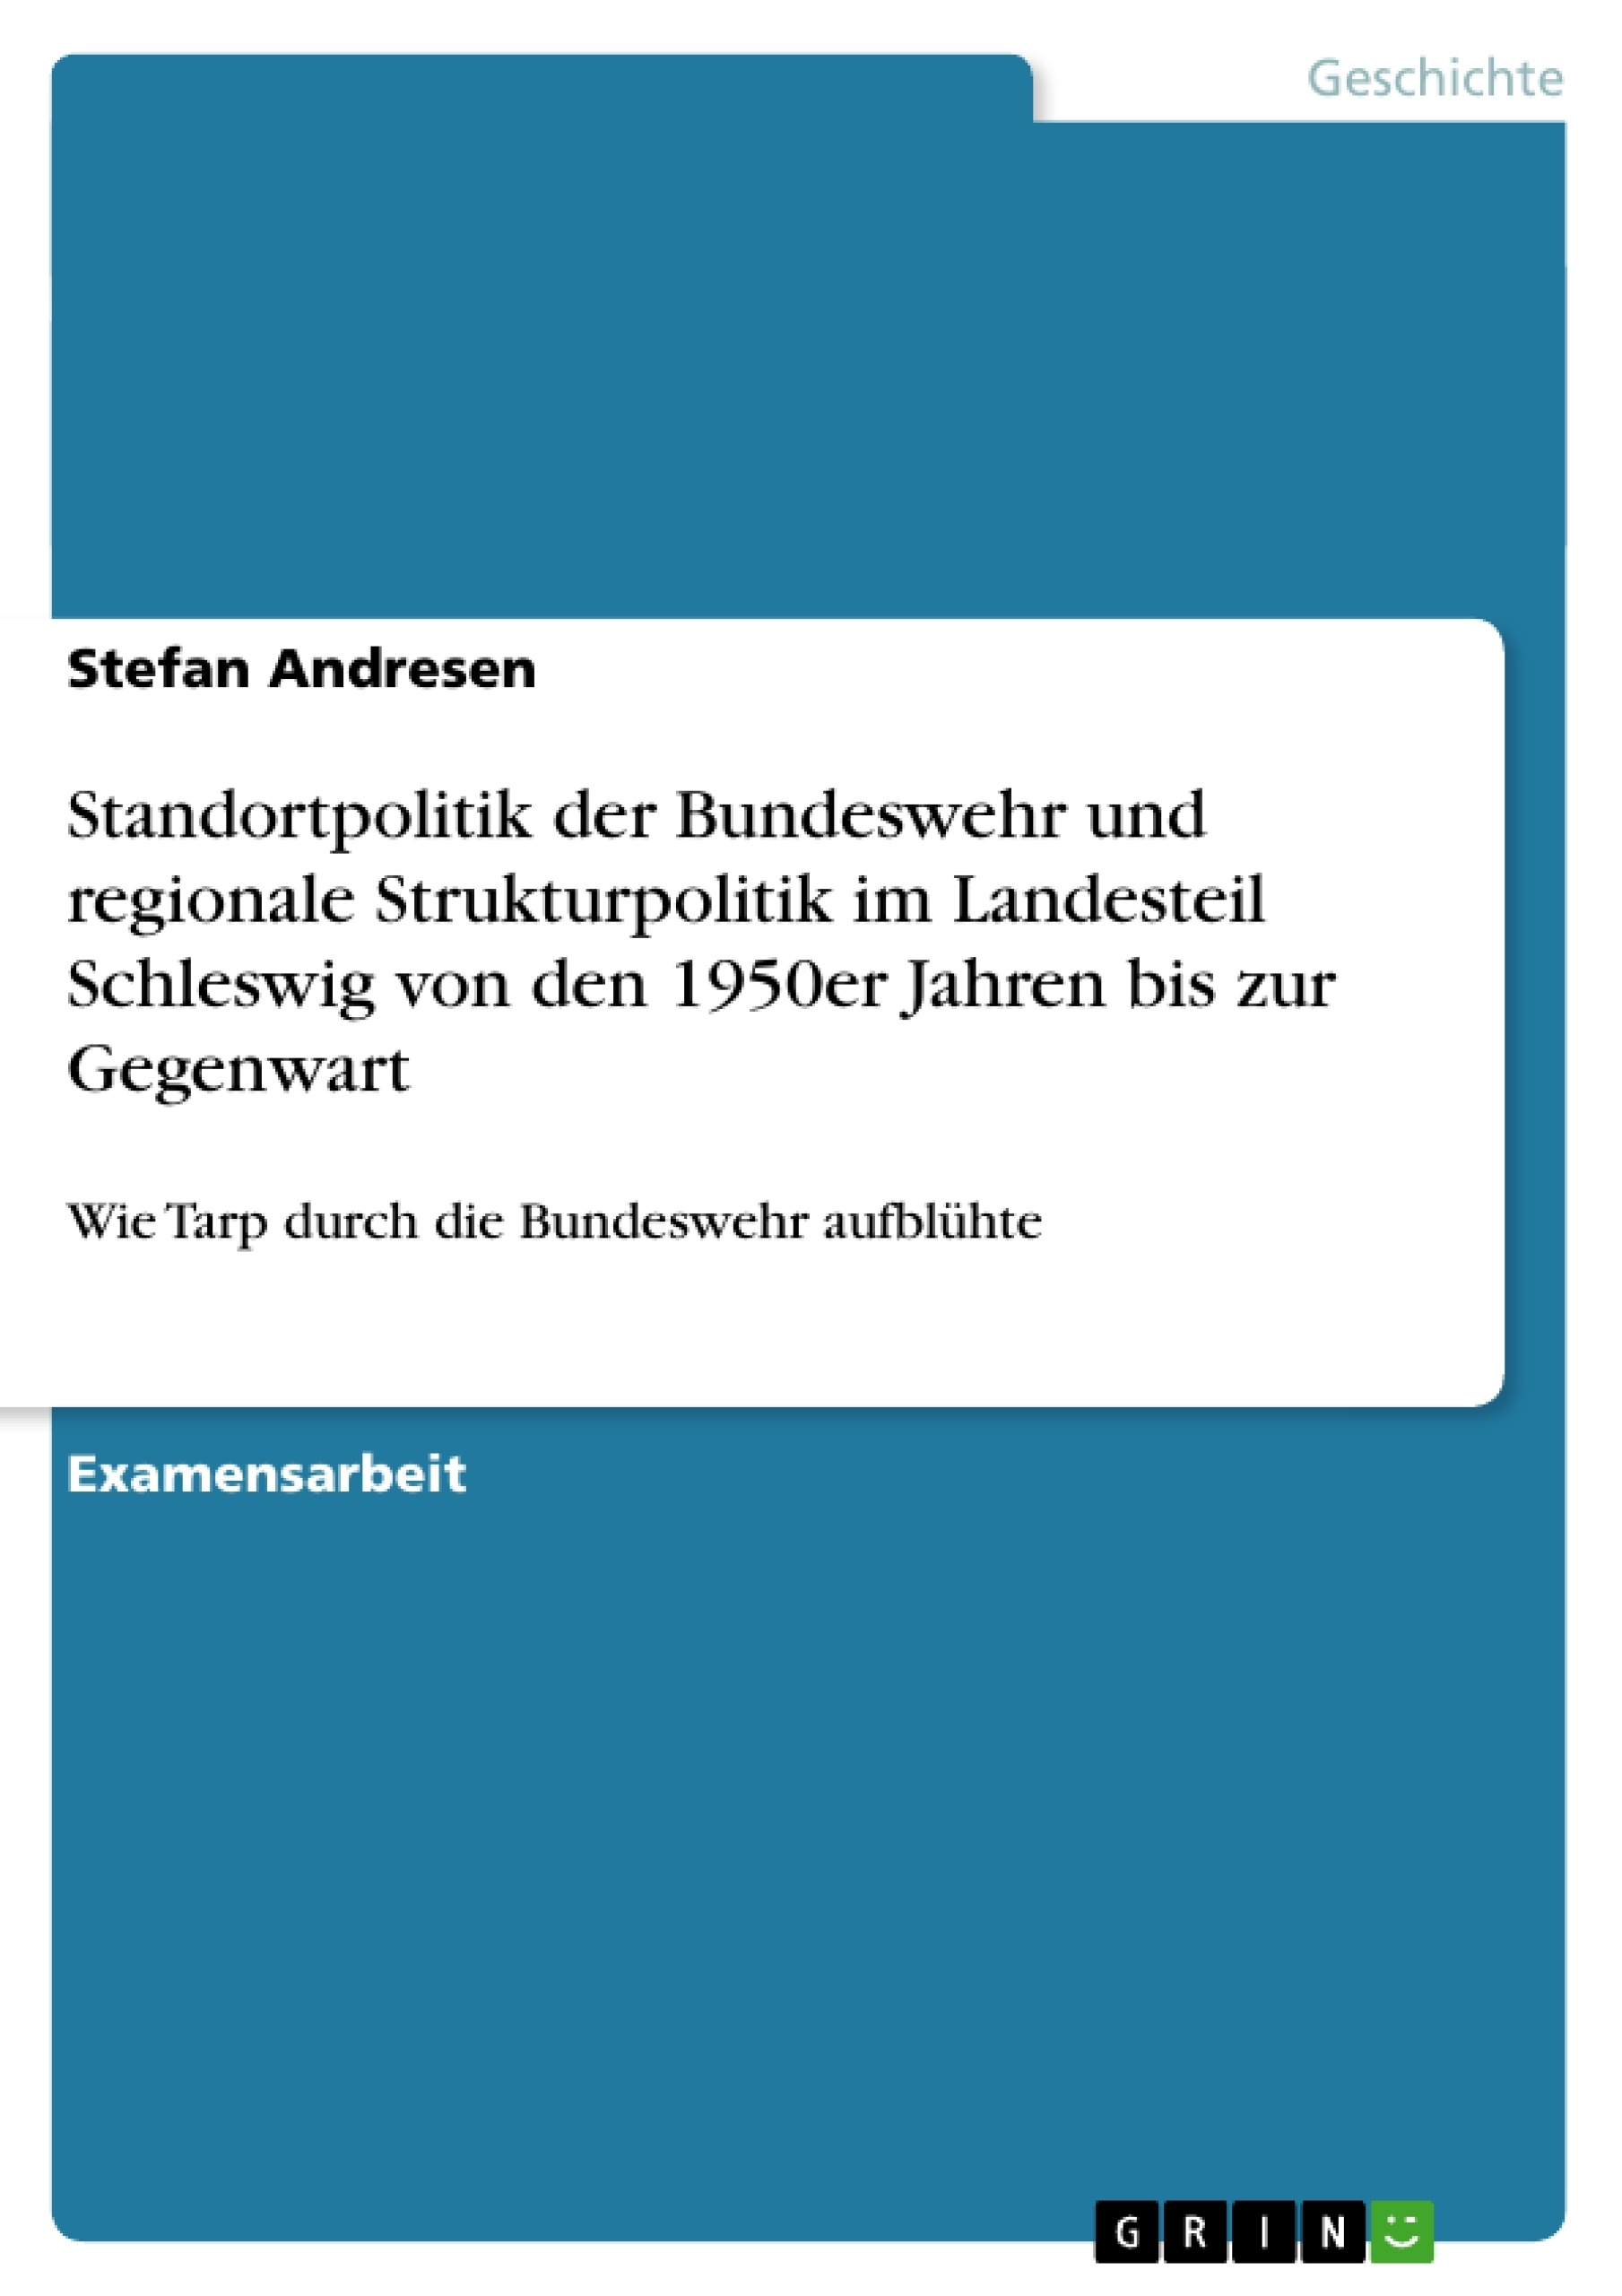 Titel: Standortpolitik der Bundeswehr und regionale Strukturpolitik im Landesteil Schleswig von den 1950er Jahren bis zur Gegenwart